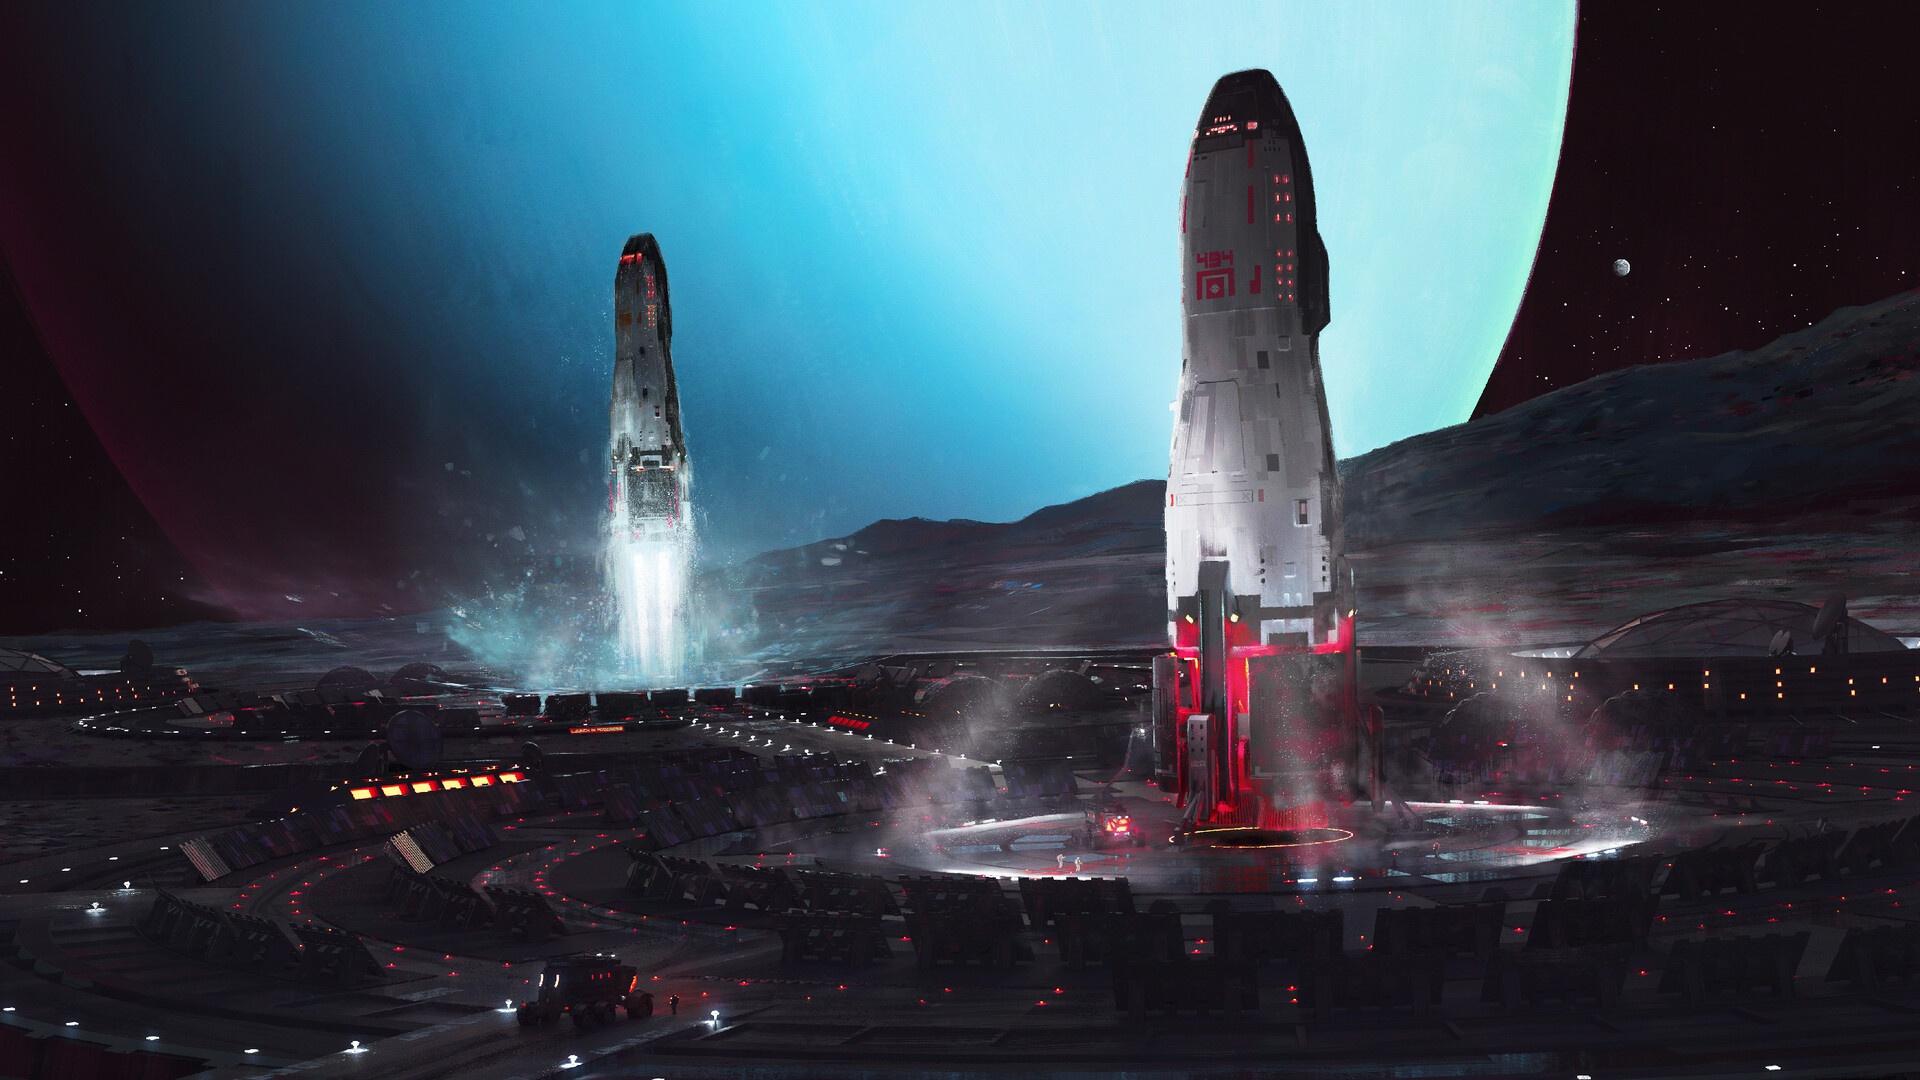 Futuristic Space 1920x1080